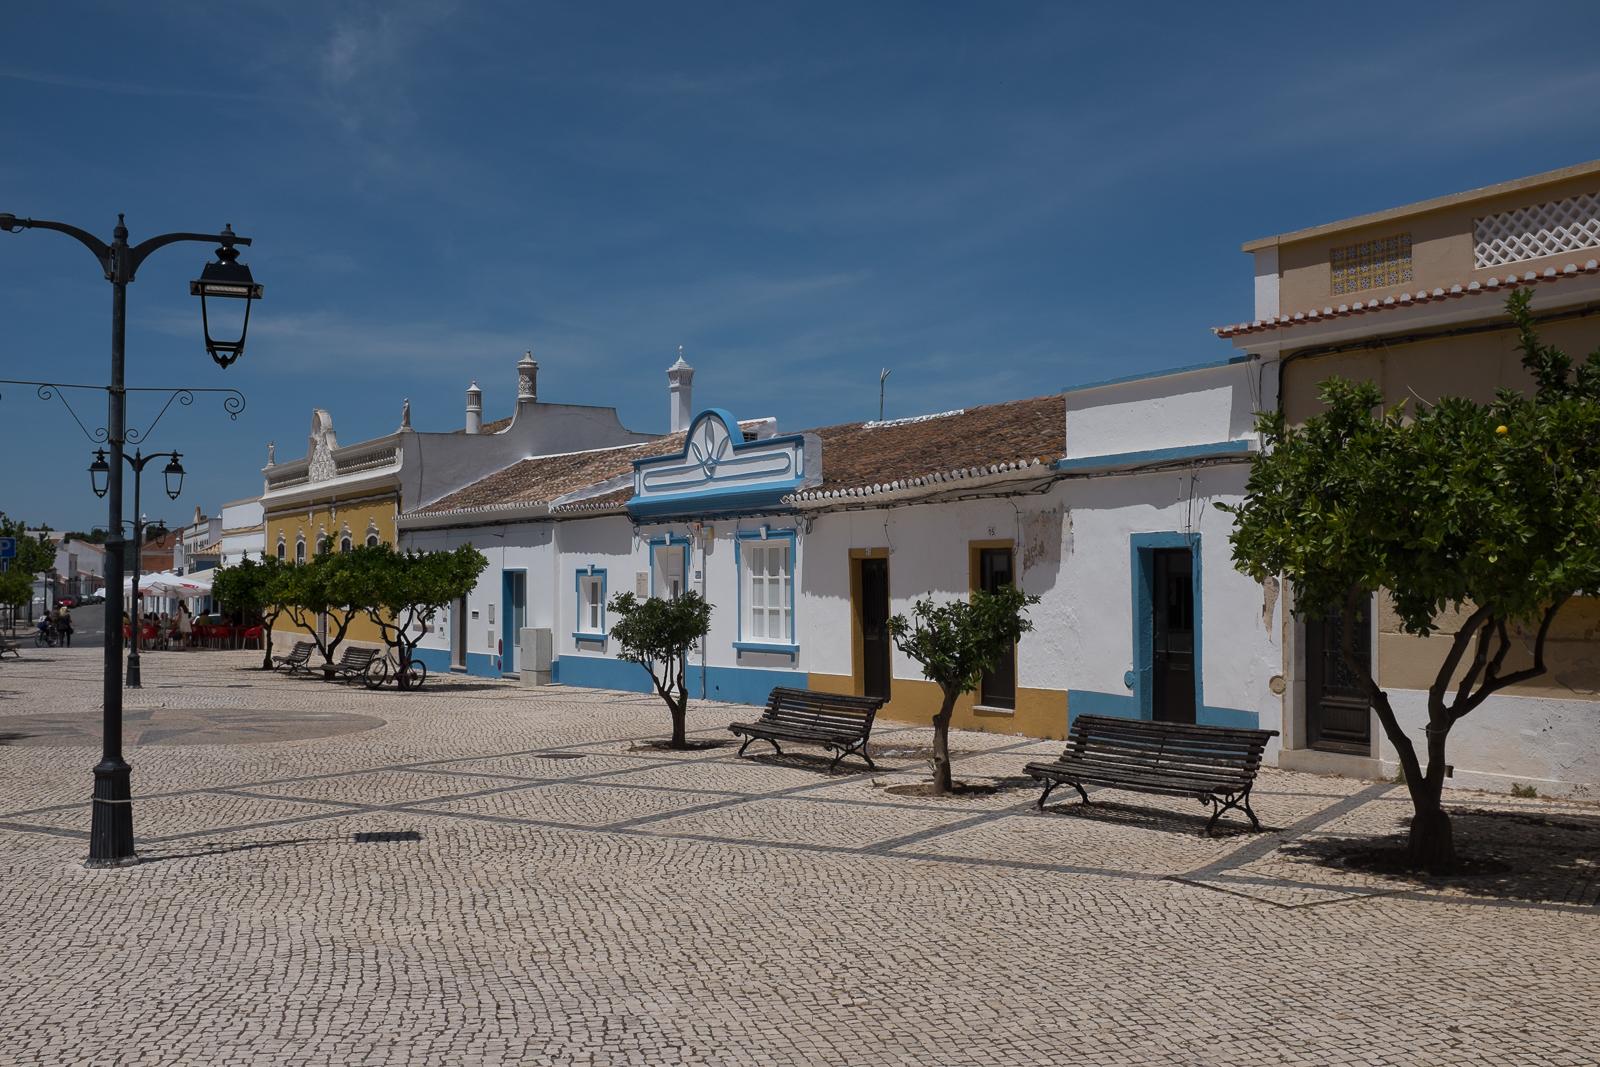 Dag05-Algarve-010-DSCF1826